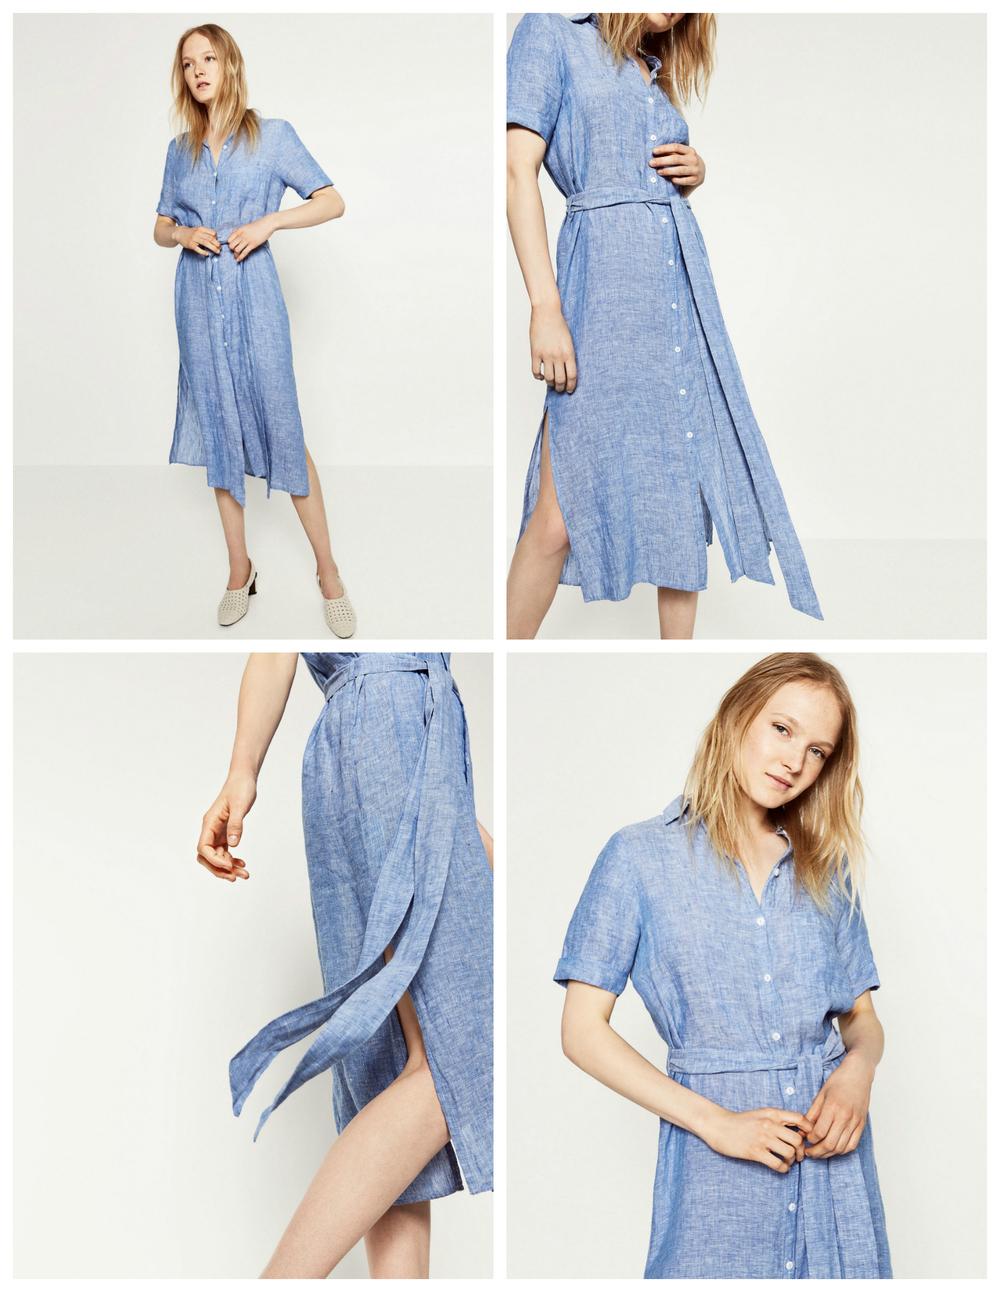 Zara Linen Shirt Dress, $70 at Zara.com.